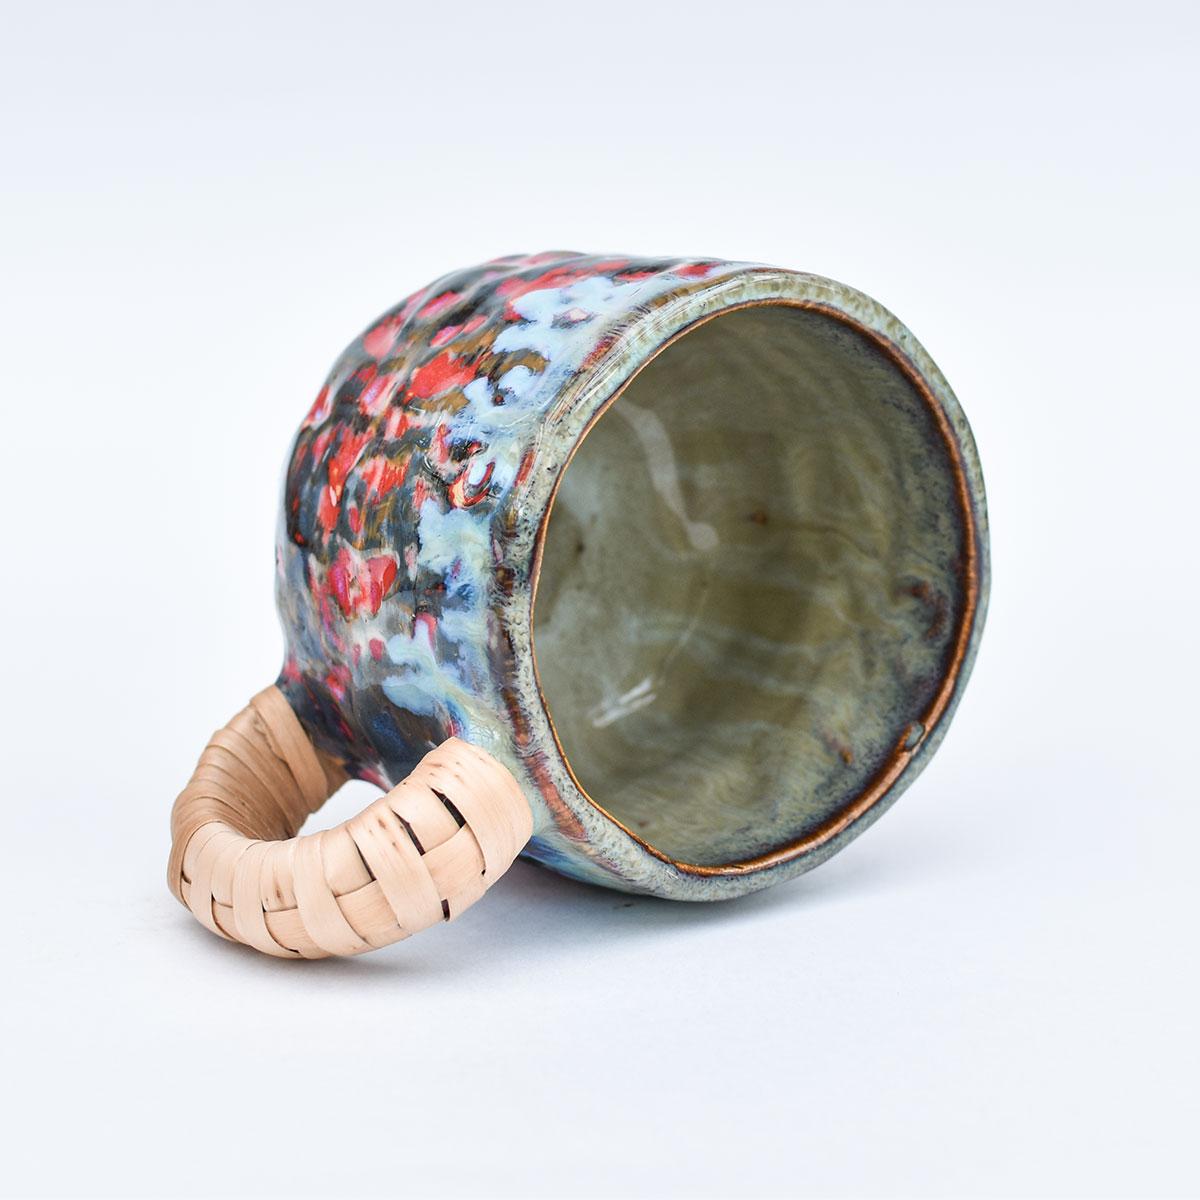 картинка Лепная кружка с оплетенной ручкой 01 - DishWishes.Ru